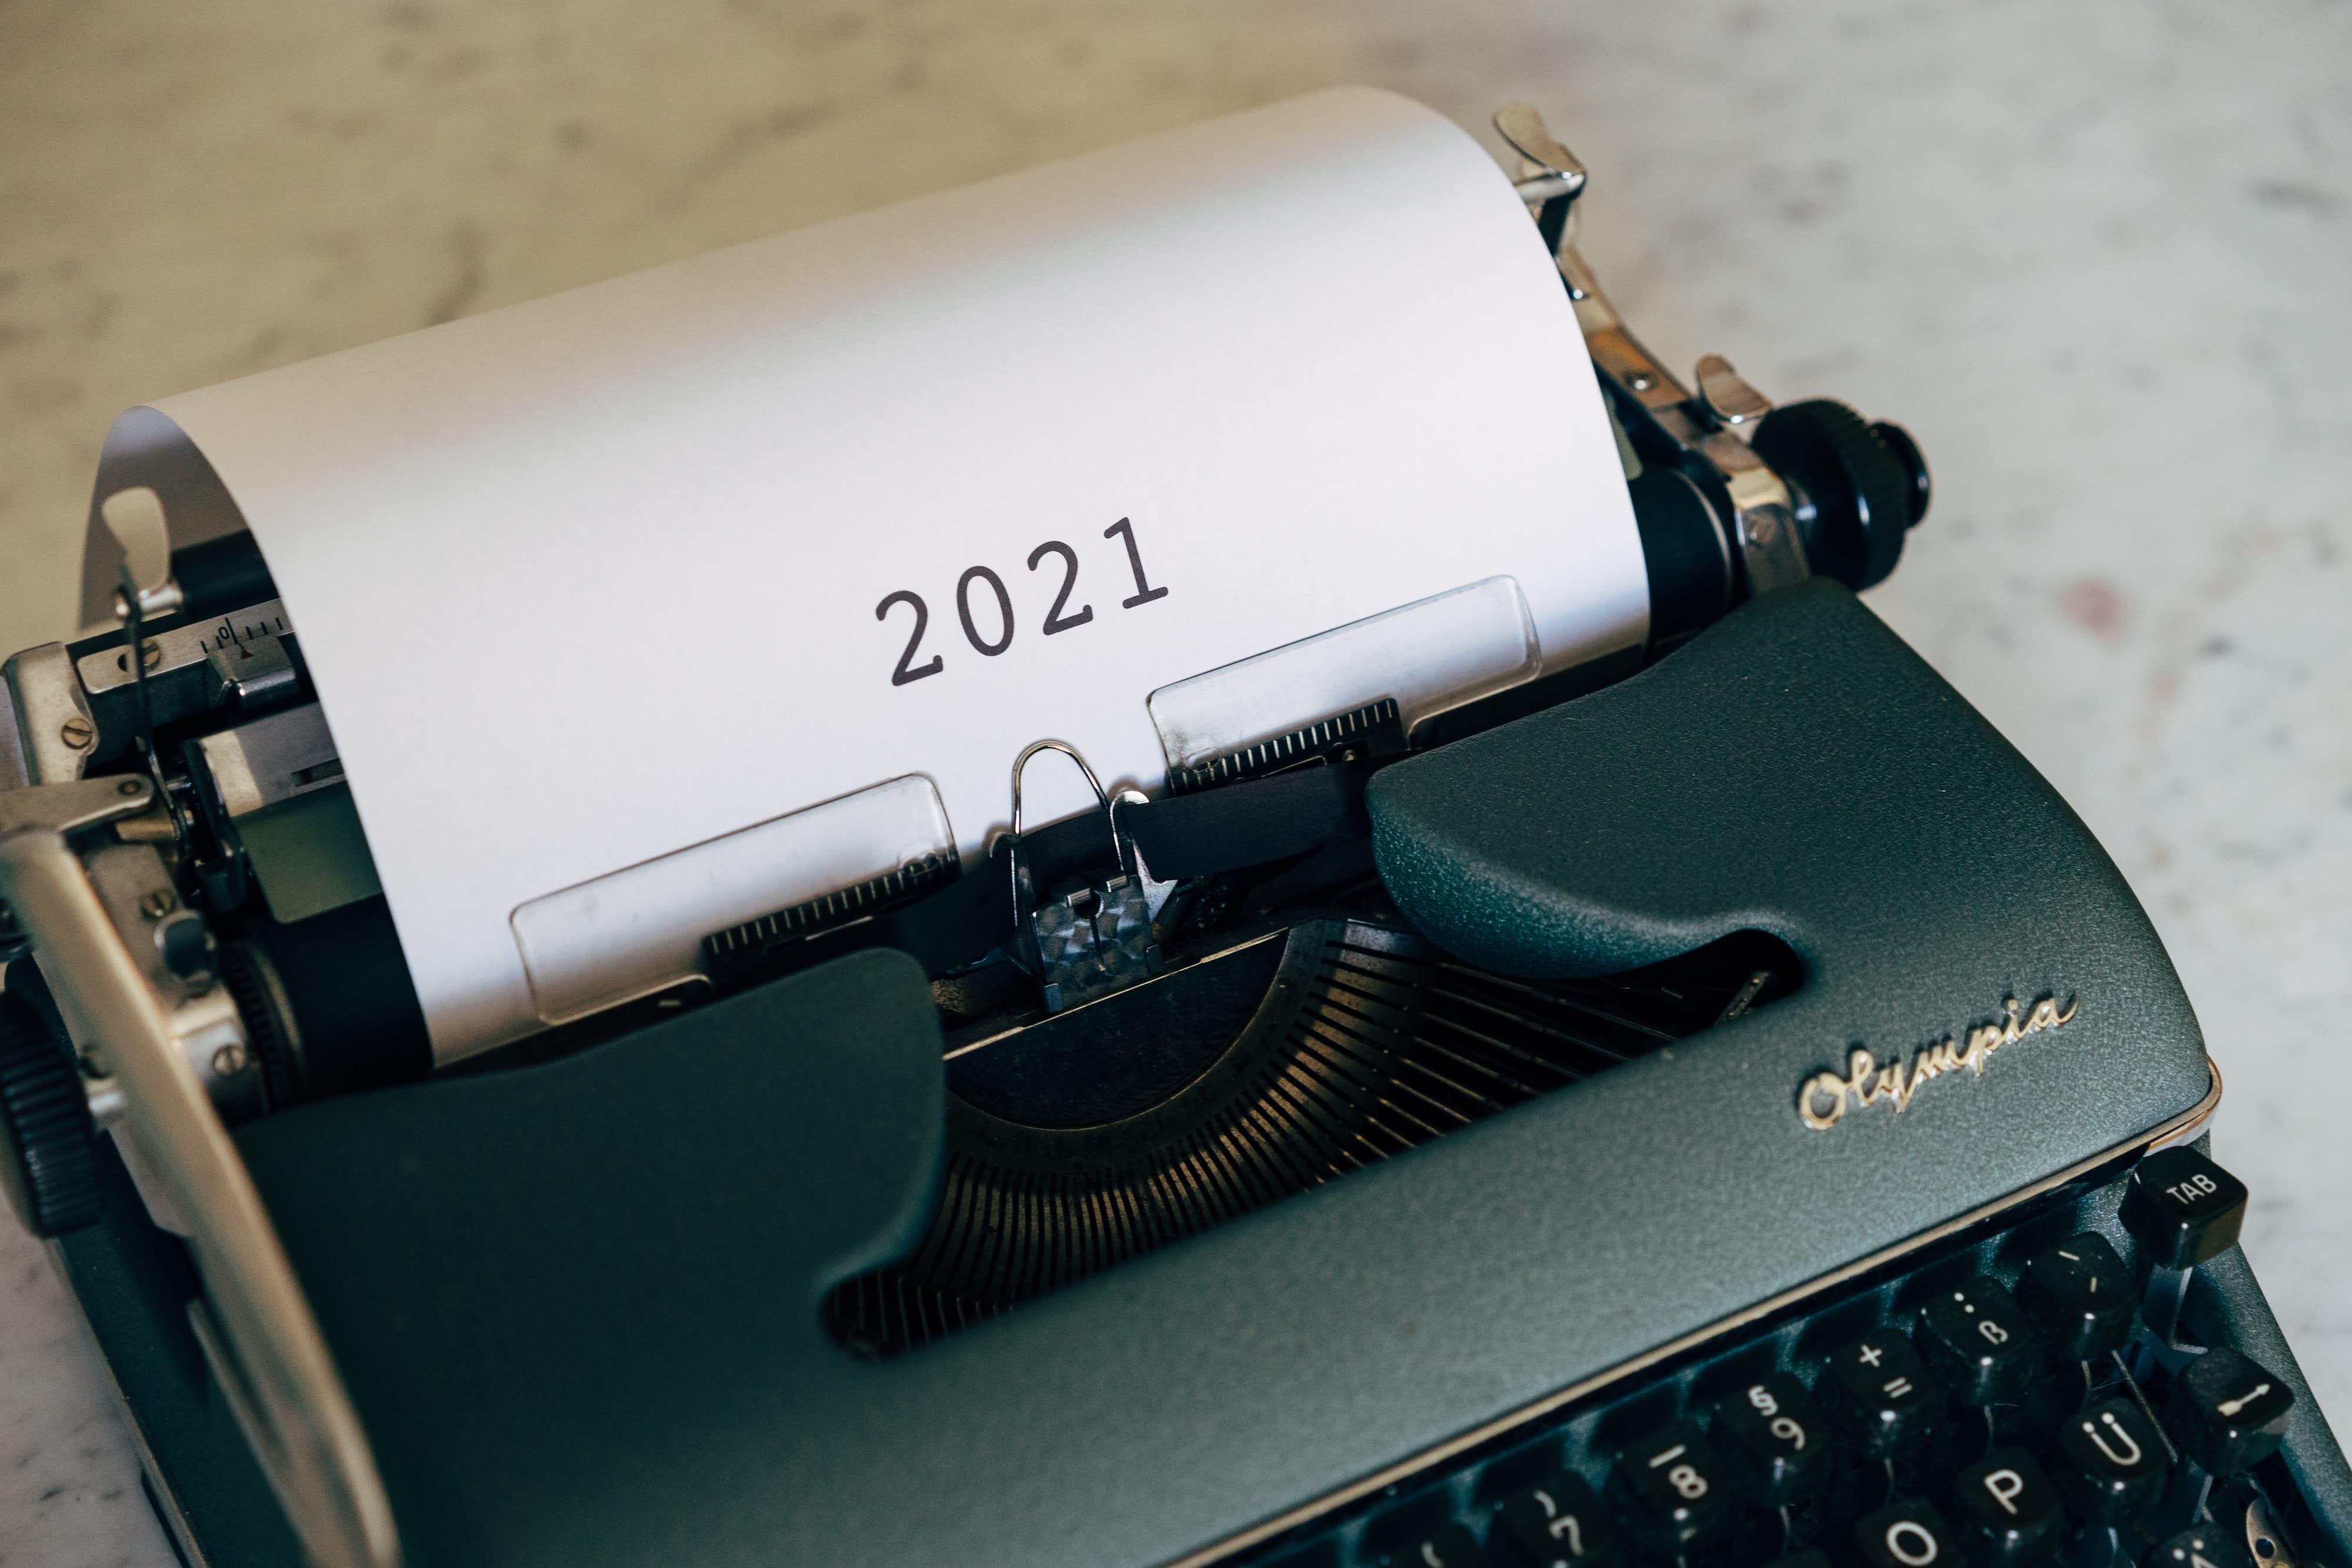 Schreibmaschine, die 2021 schreibt